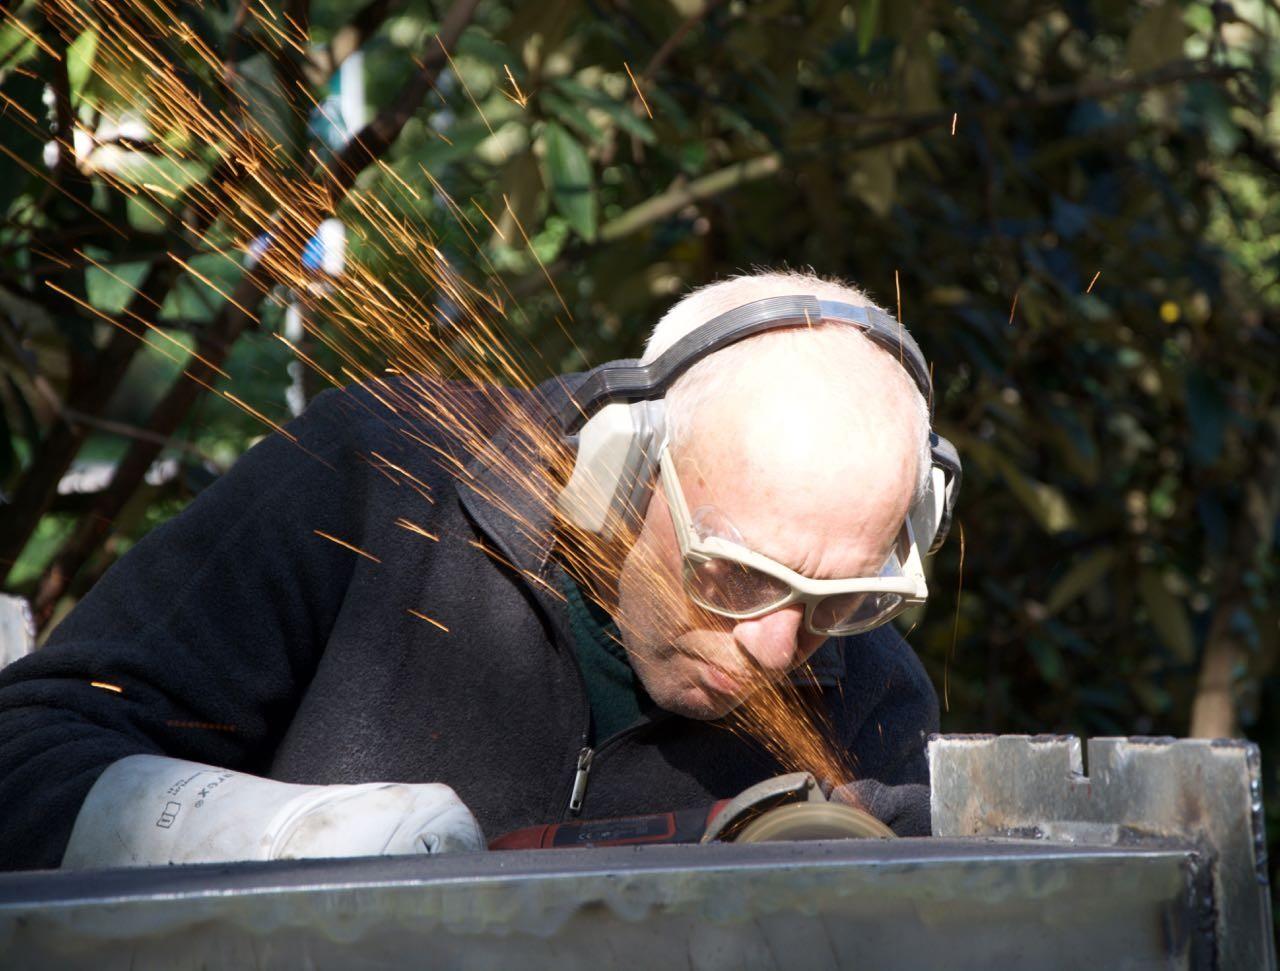 Der Künstler bei der sprichwörtlichen Arbeit: Er schleift die im Pilgerschritt geschweissten Nähte ab